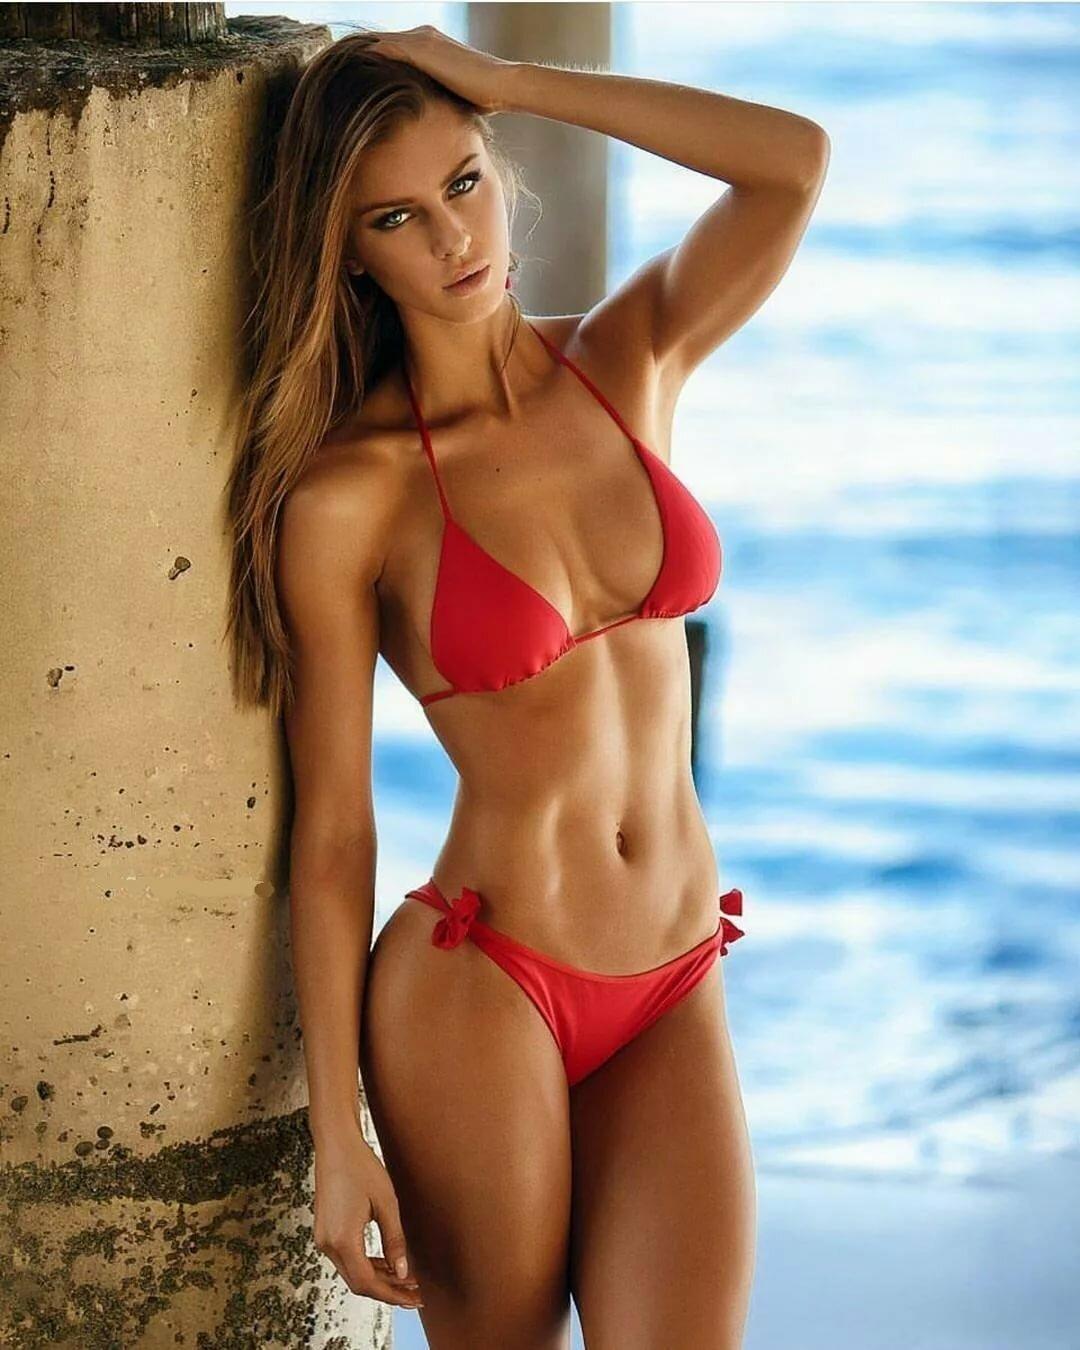 girl-bikini-model